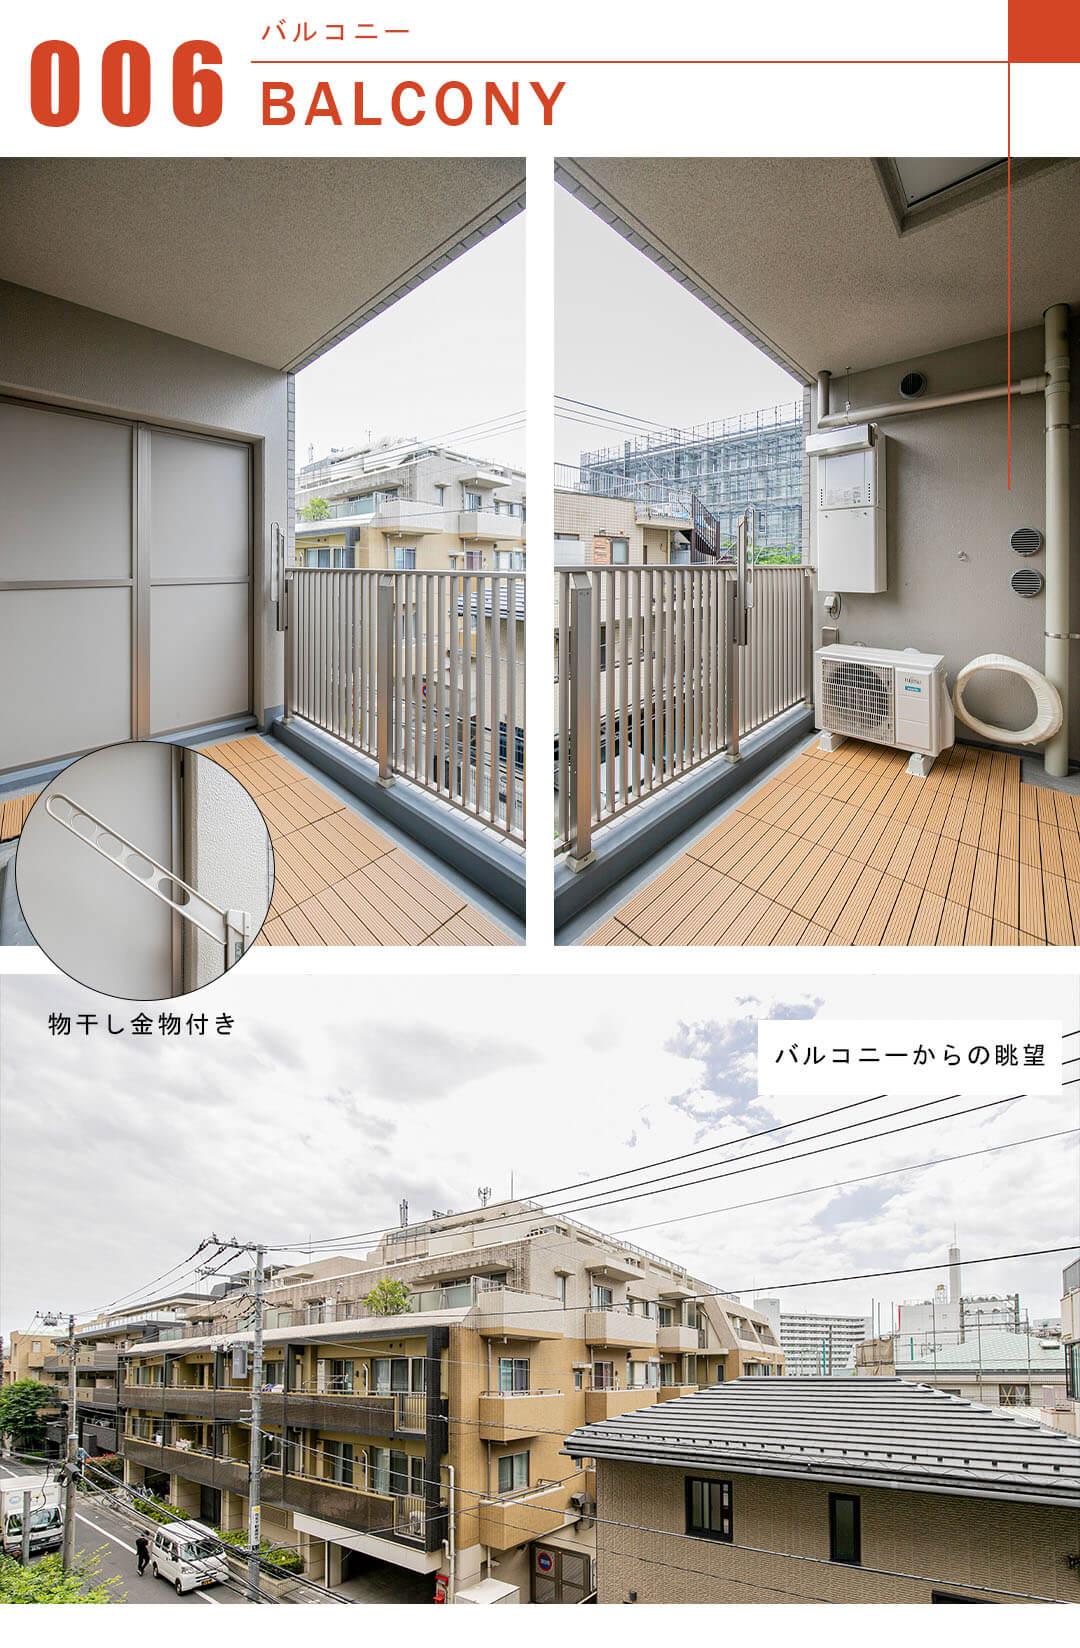 パークハウス駒込桜郷のバルコニー